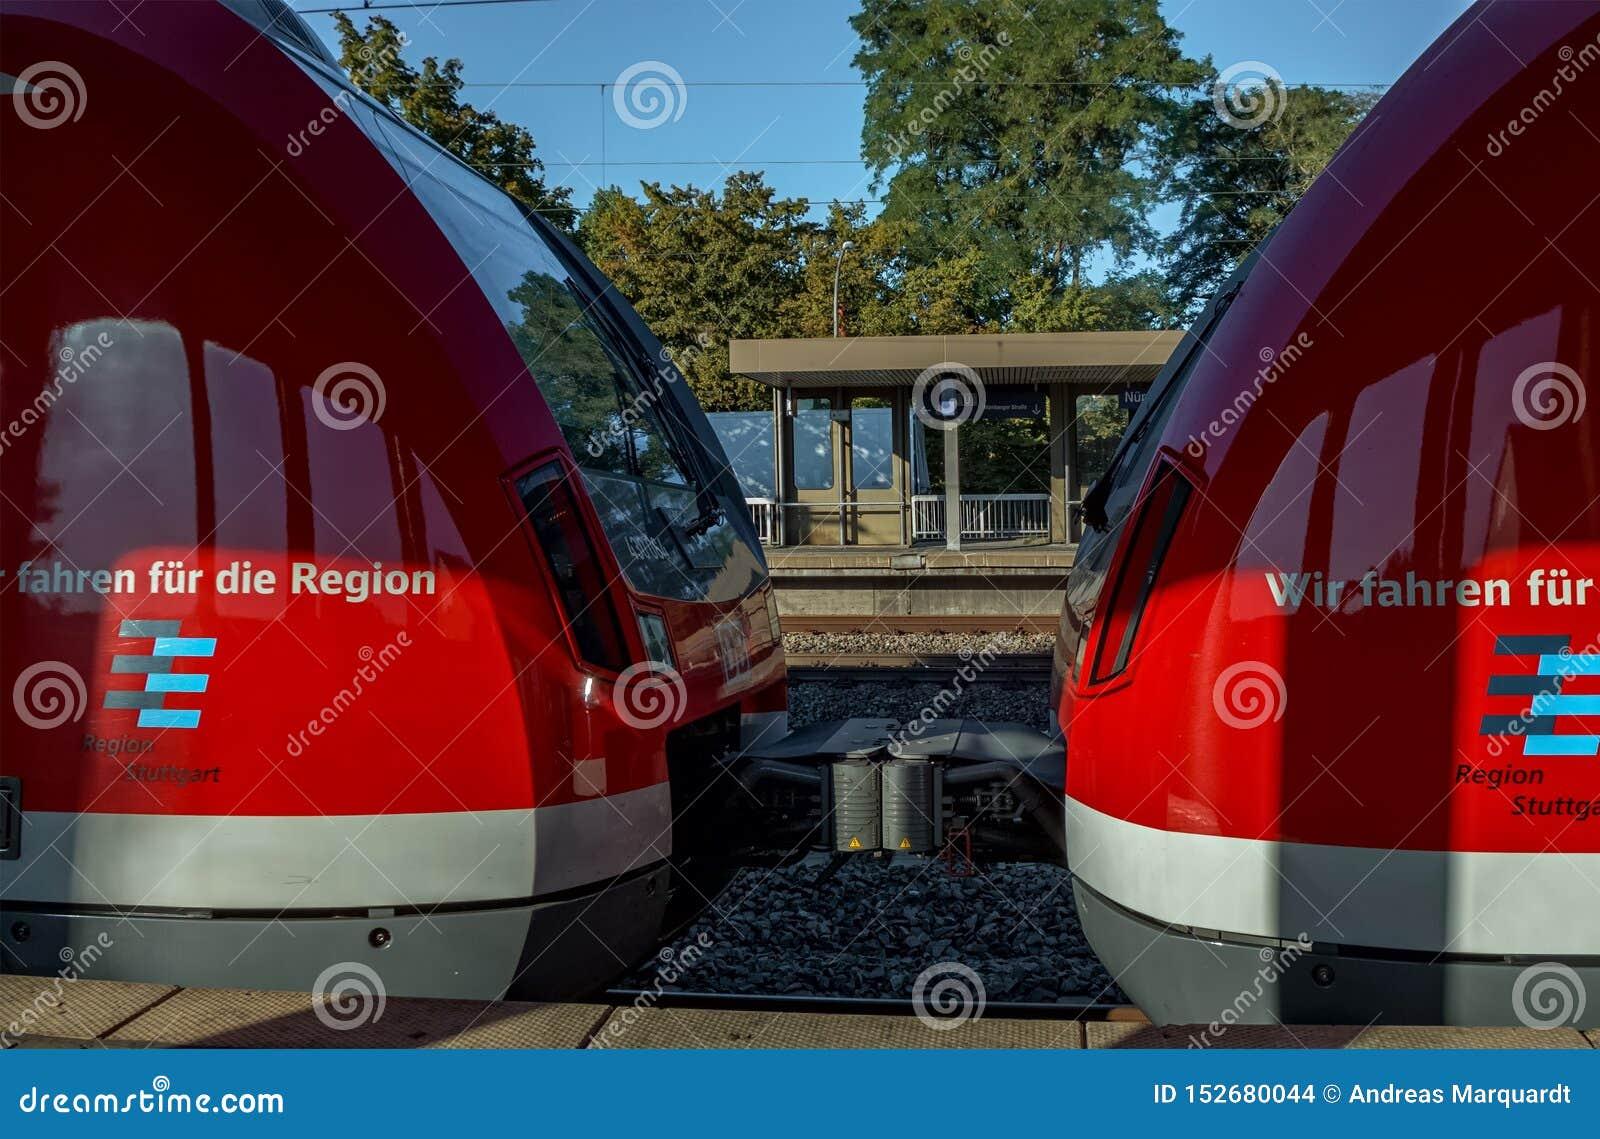 STUTTGART-BAD CANNSTATT, BADEN-WÜRTTEMBERG, DEUTSCHLAND - AUGUST 25,2016: Der Bahnhof ist es eine kleine Station